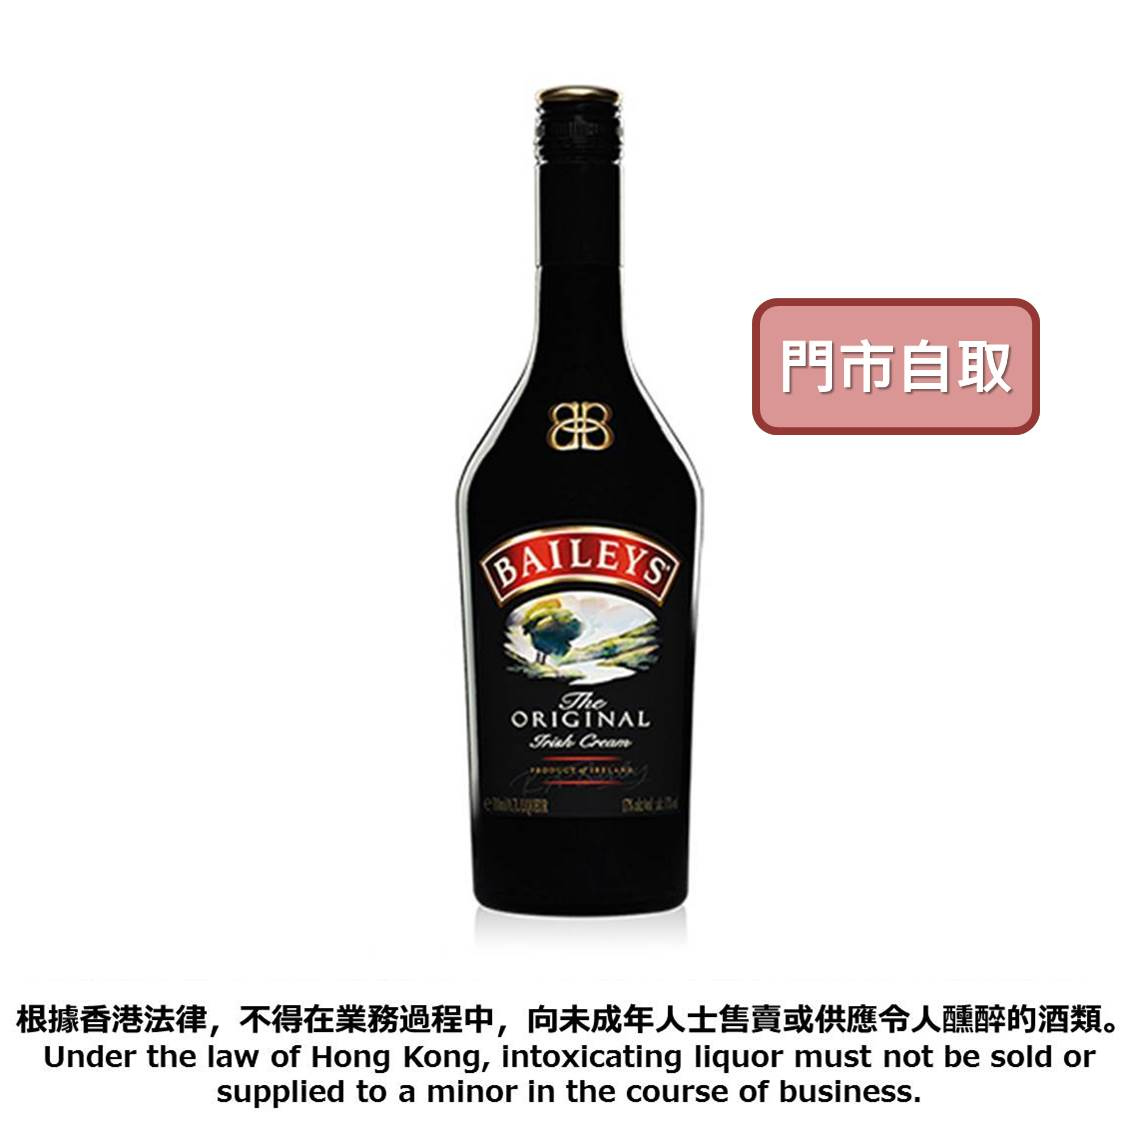 BAILEYS甜酒